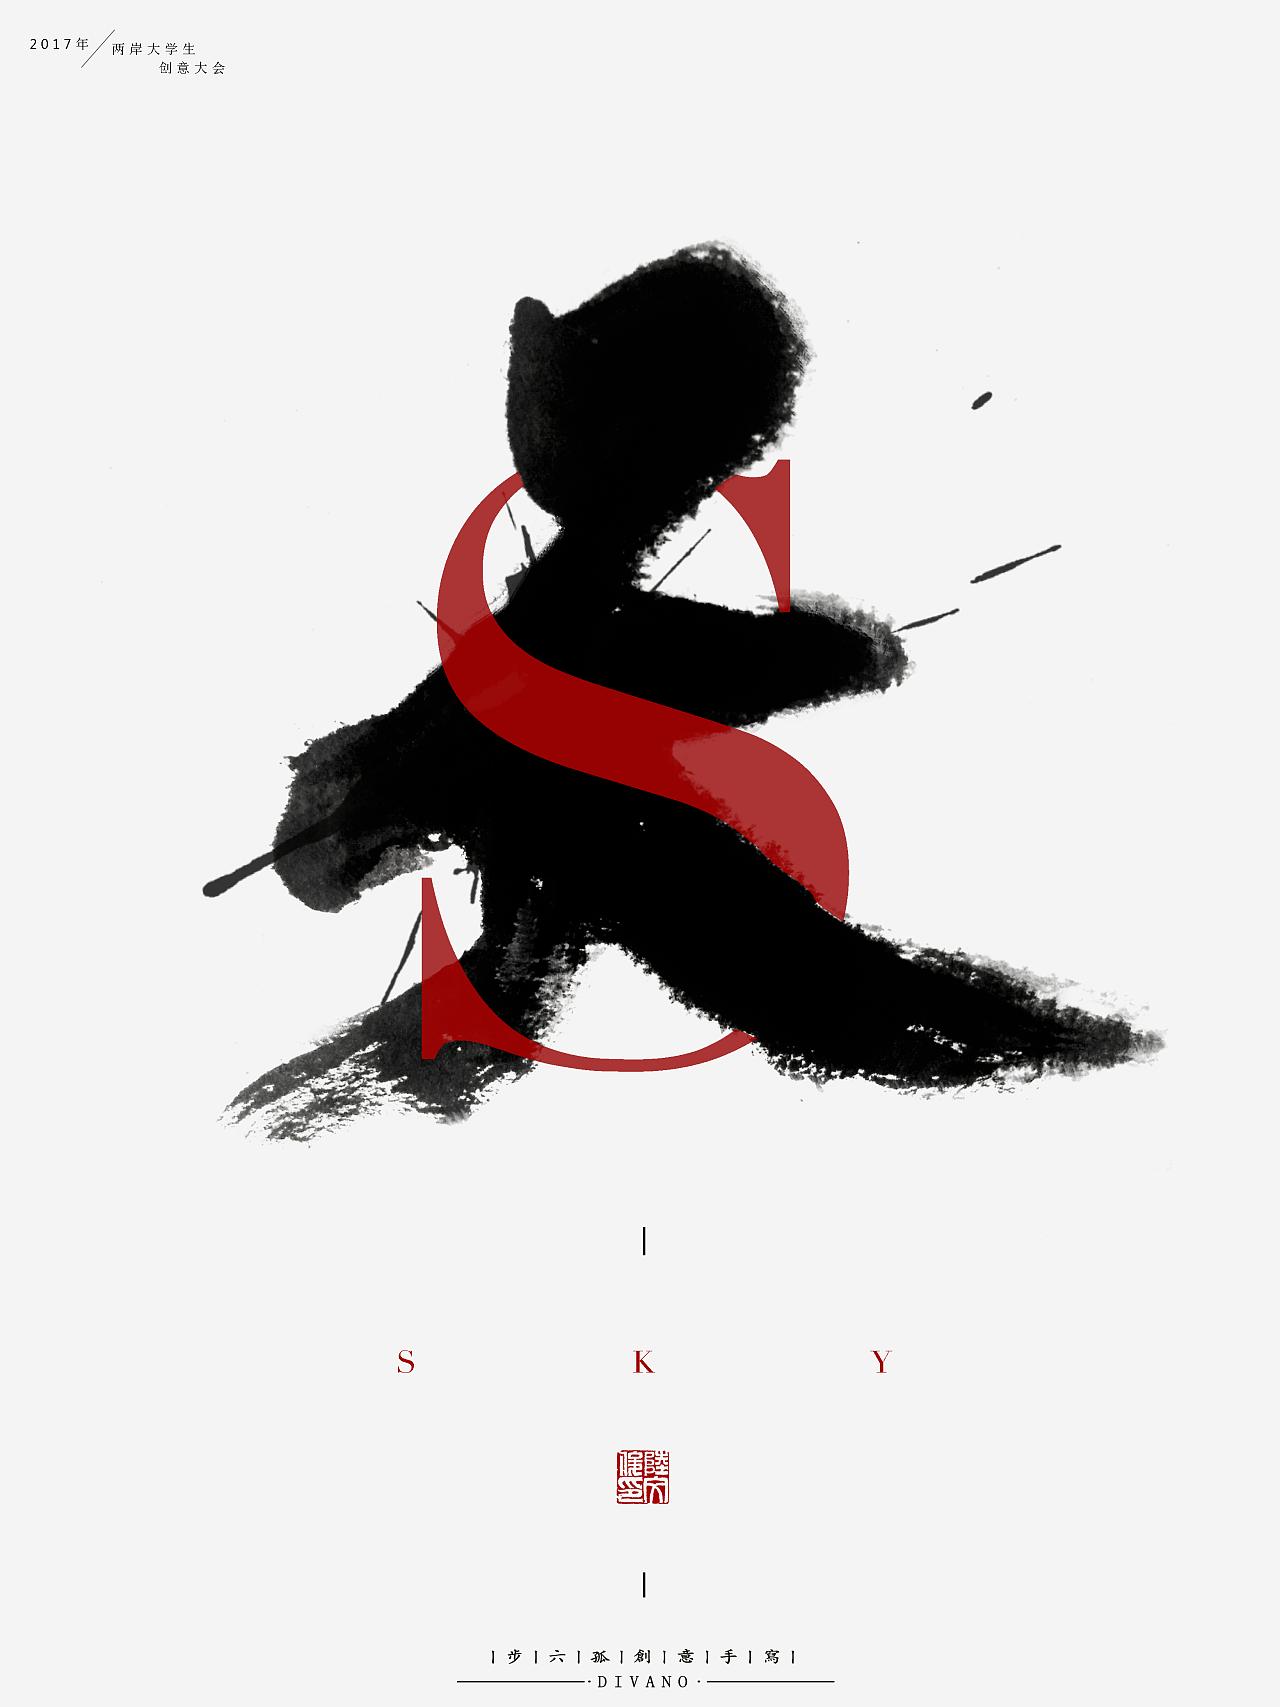 造字工坊第一期汉字创意海报设计|平面|海报|六